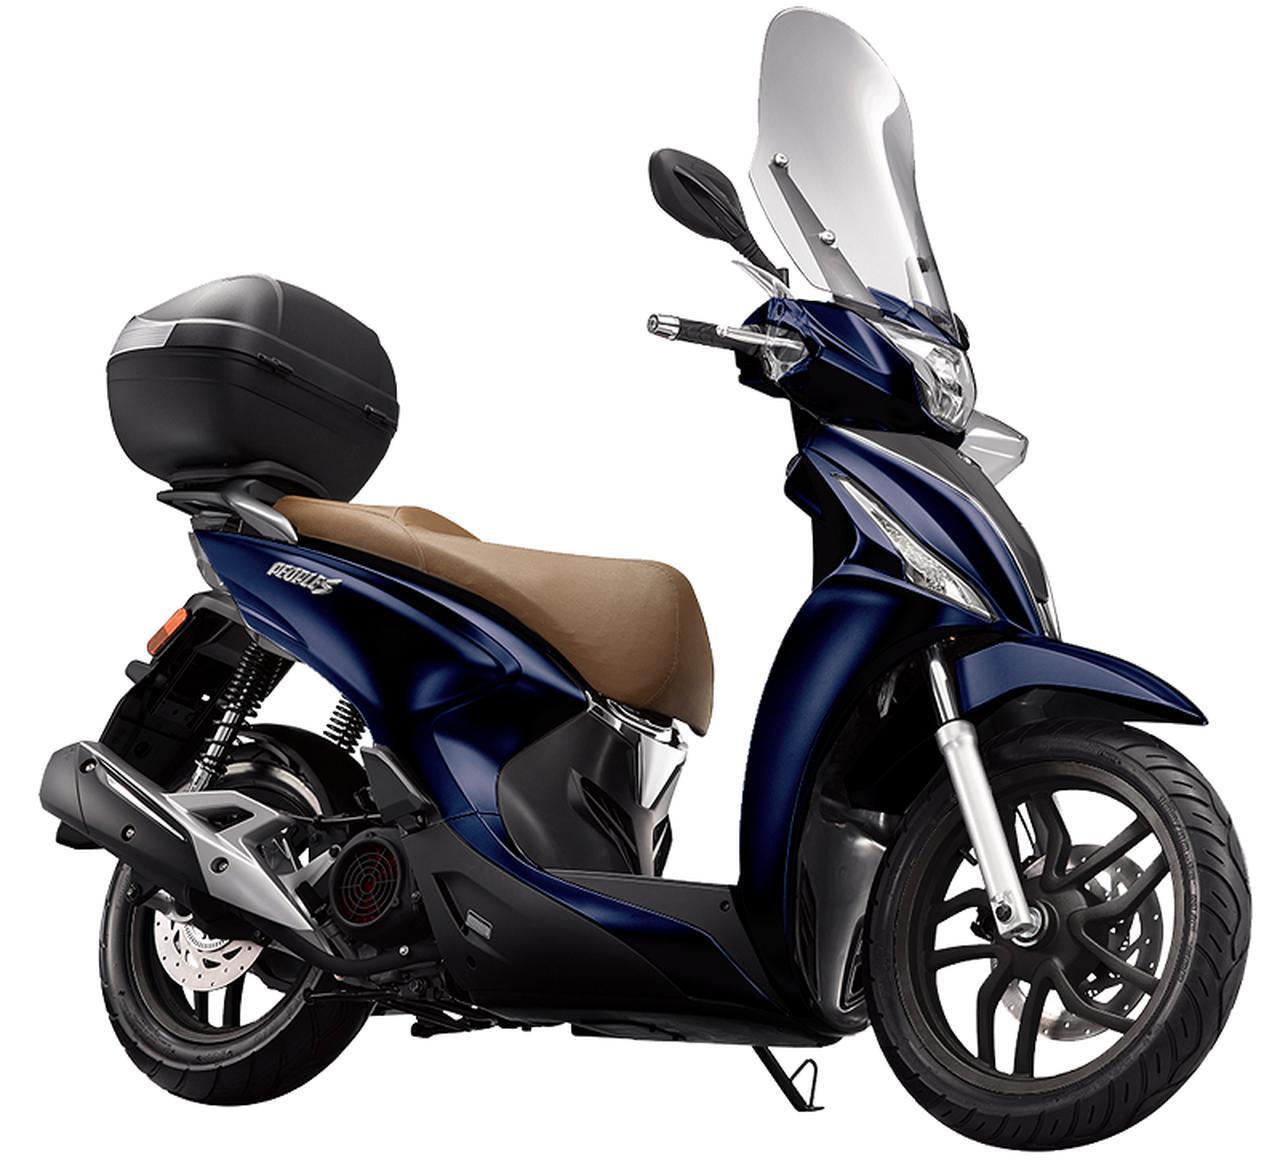 画像2: キムコ 「ターセリーS 150」【1分で読める 2021年に新車で購入可能な150ccバイク紹介】